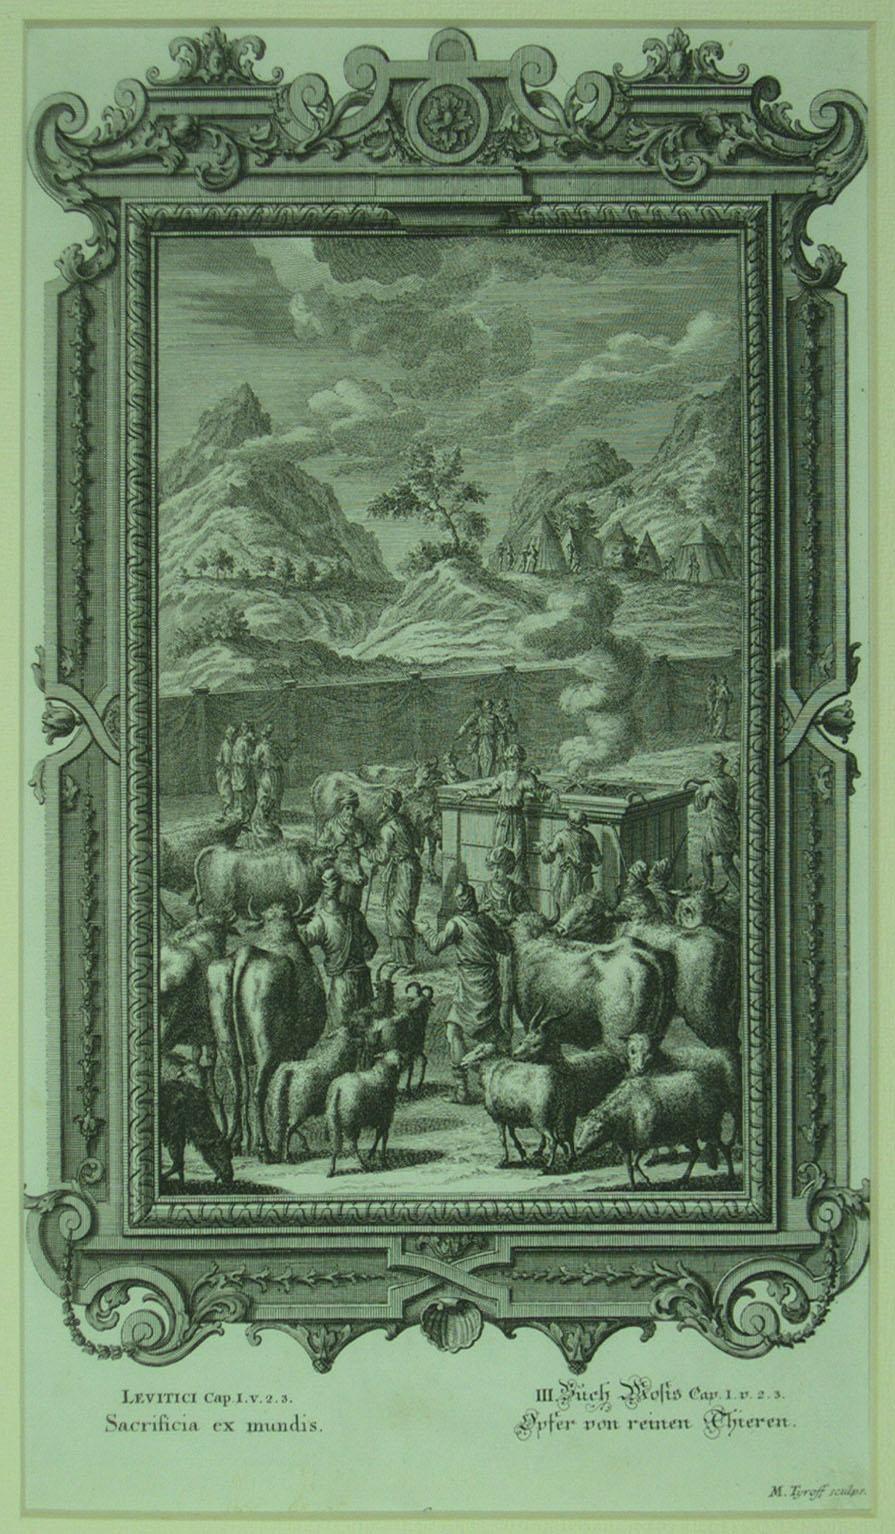 97-23kn.JPG (895×1534)